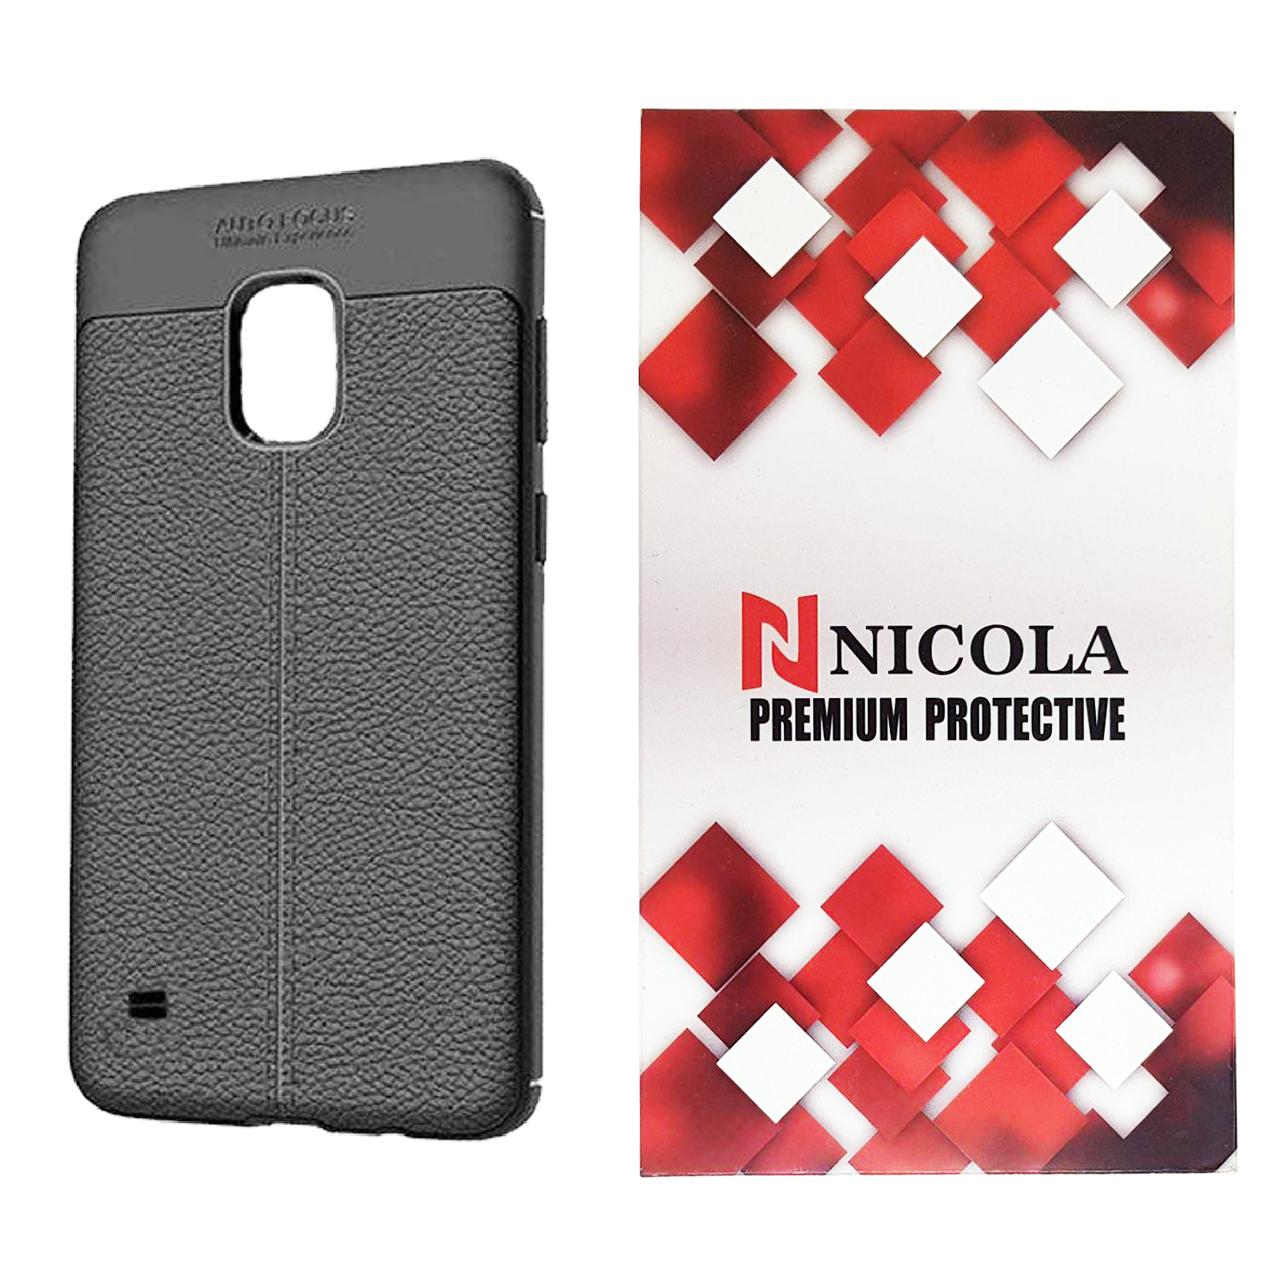 کاور نیکلا مدل N_ATO مناسب برای گوشی موبایل سامسونگ Galaxy S5